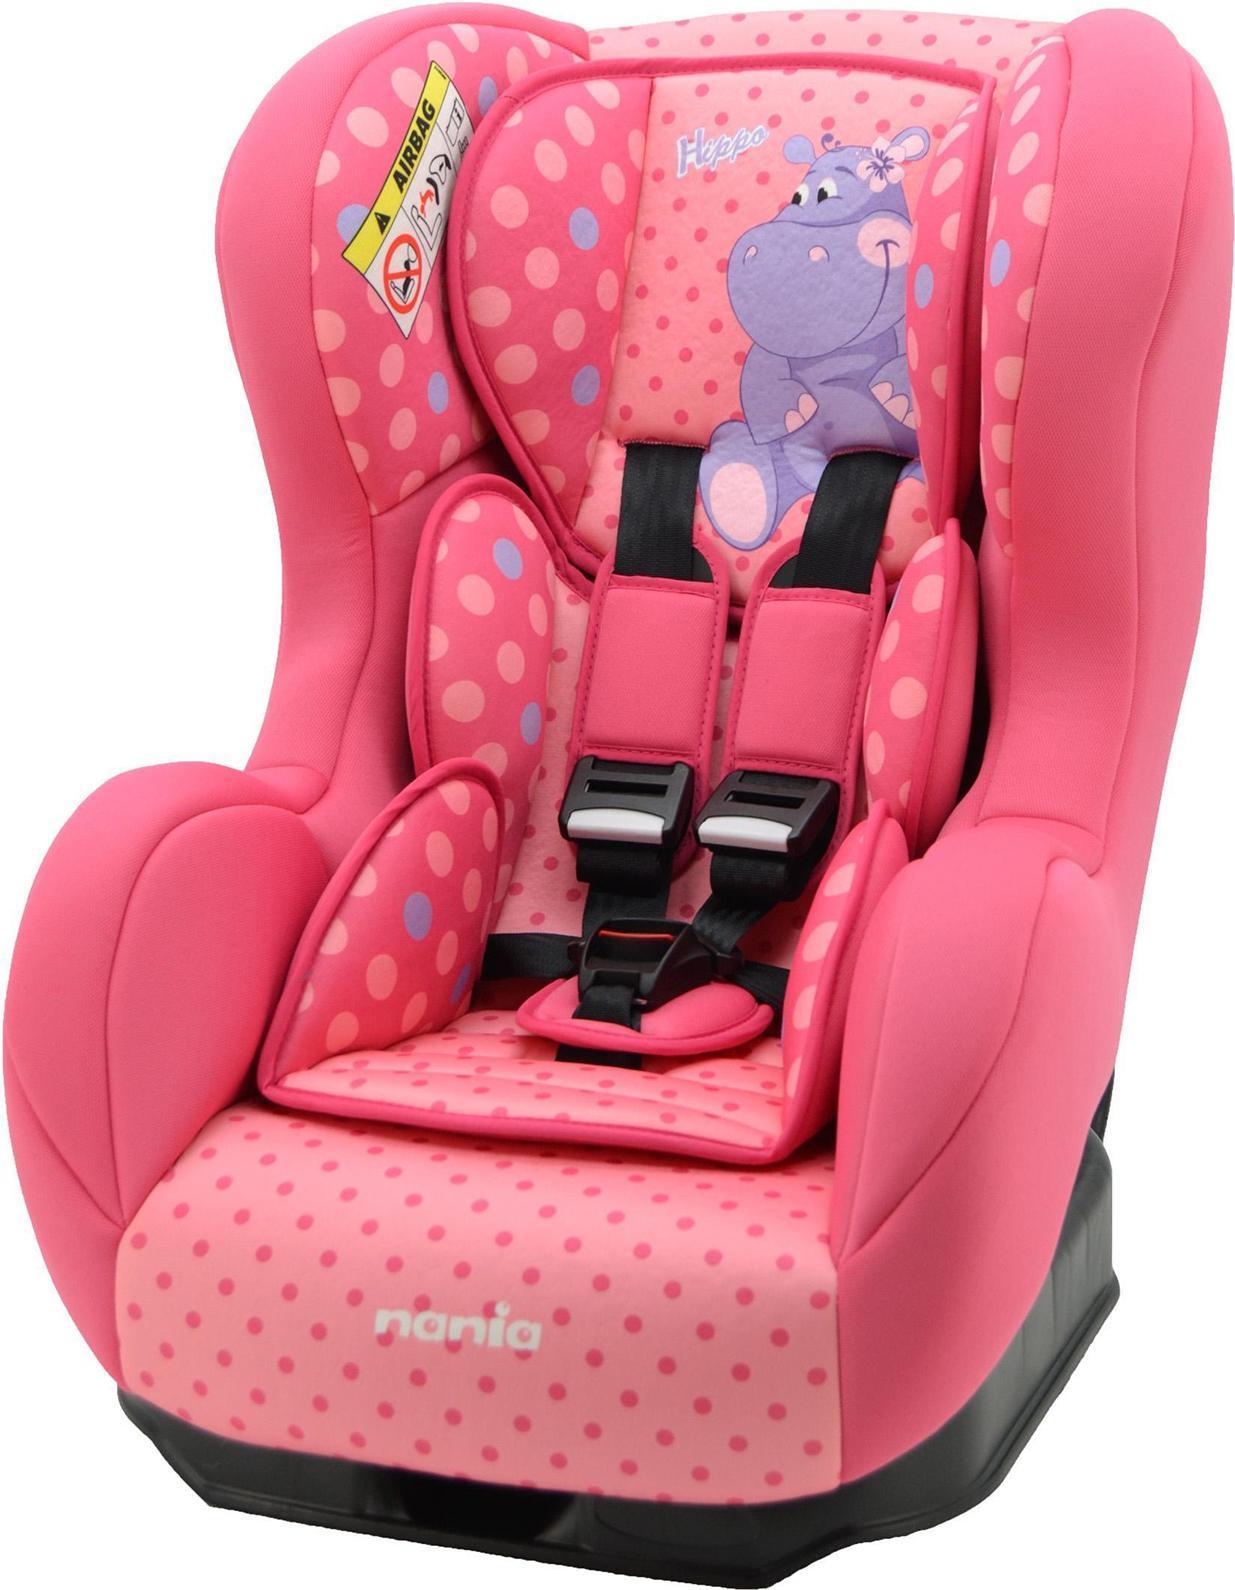 Автокресло Nania Cosmo SP гр. 0-1 HippoCA-3505Автокресло Nania Cosmo SP – стильное и безопасное. Модель входит в группу 0-1 и предназначено для перевозки малышей от рождения до 4 лет (0-18 кг). Кресло размещается на заднем сидении автомобиля по ходу движения. Корпус автокресла создан с учетом требований по эргономике и имеет приятную на ощупь обивку. Боковая поддержка и регулируемый по высоте подголовник надежно защищают ребенка от боковых ударов, не доставляя при этом дискомфорта. Спинка кресла регулируется по углу наклона. Пользуясь автокреслом Nania Cosmo SP, вы будете приятно удивлены его комфортабельностью и легкостью в использовании. Автокресло Nania Cosmo SP обеспечит ребенку максимально безопасные и комфортные поездки на автомобиле.